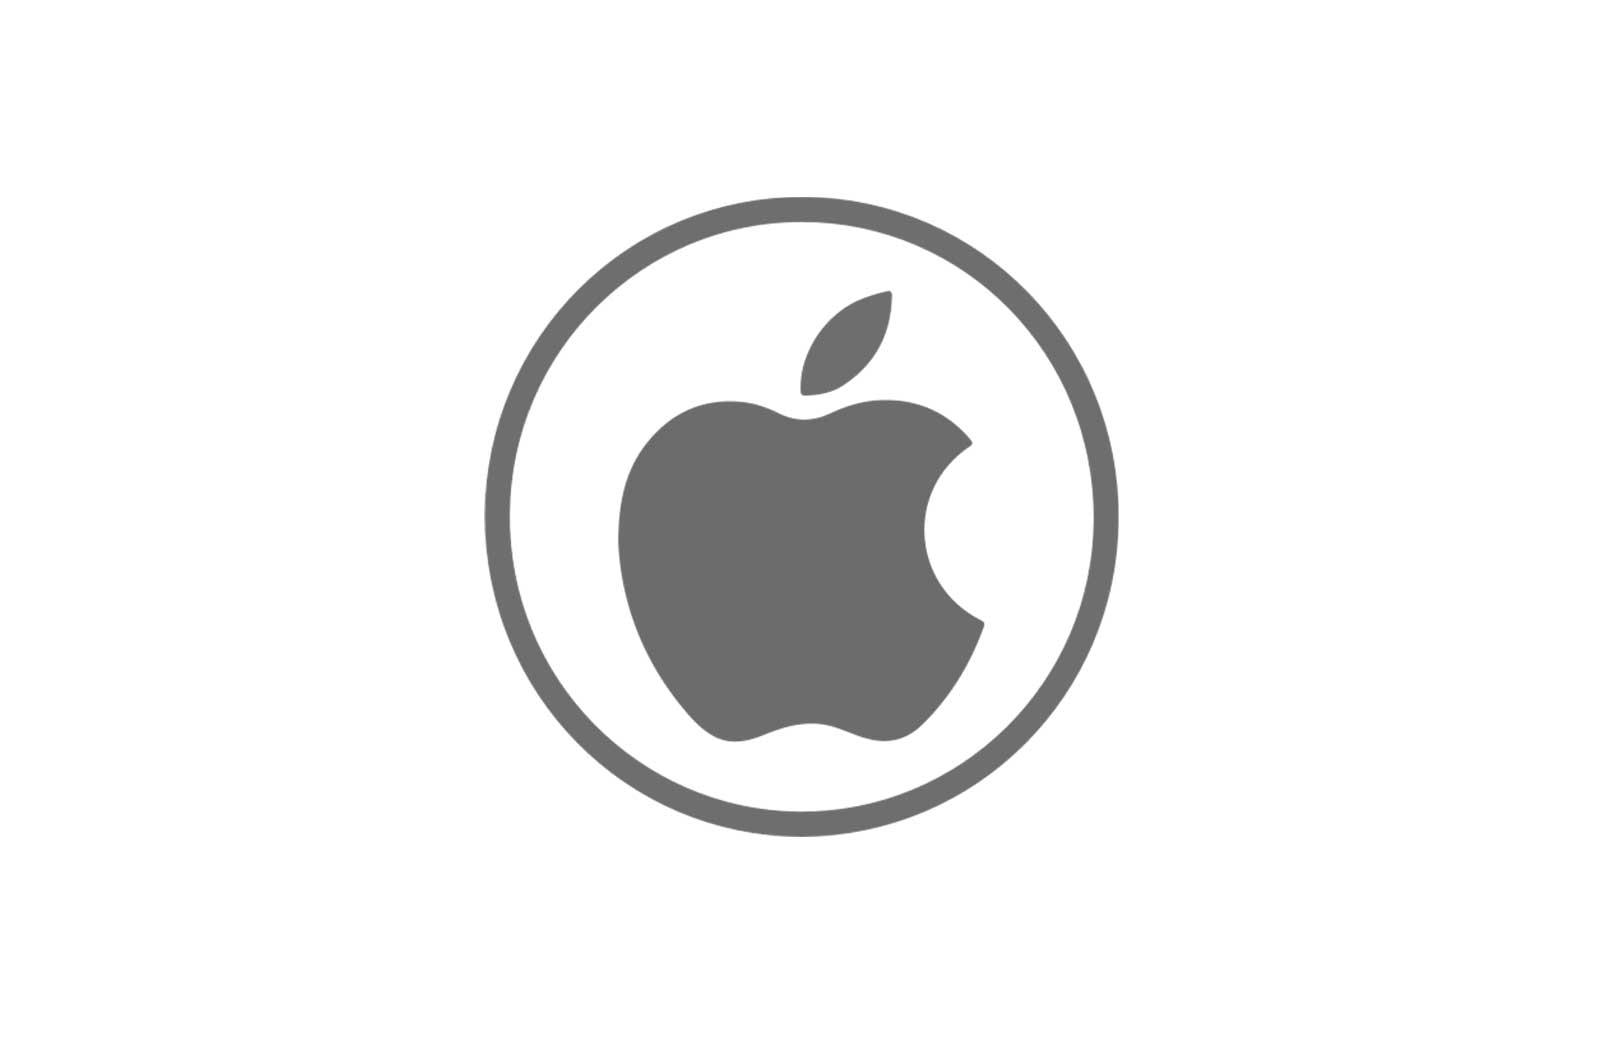 Odpojte svou bankovní kartu od svého Apple ID